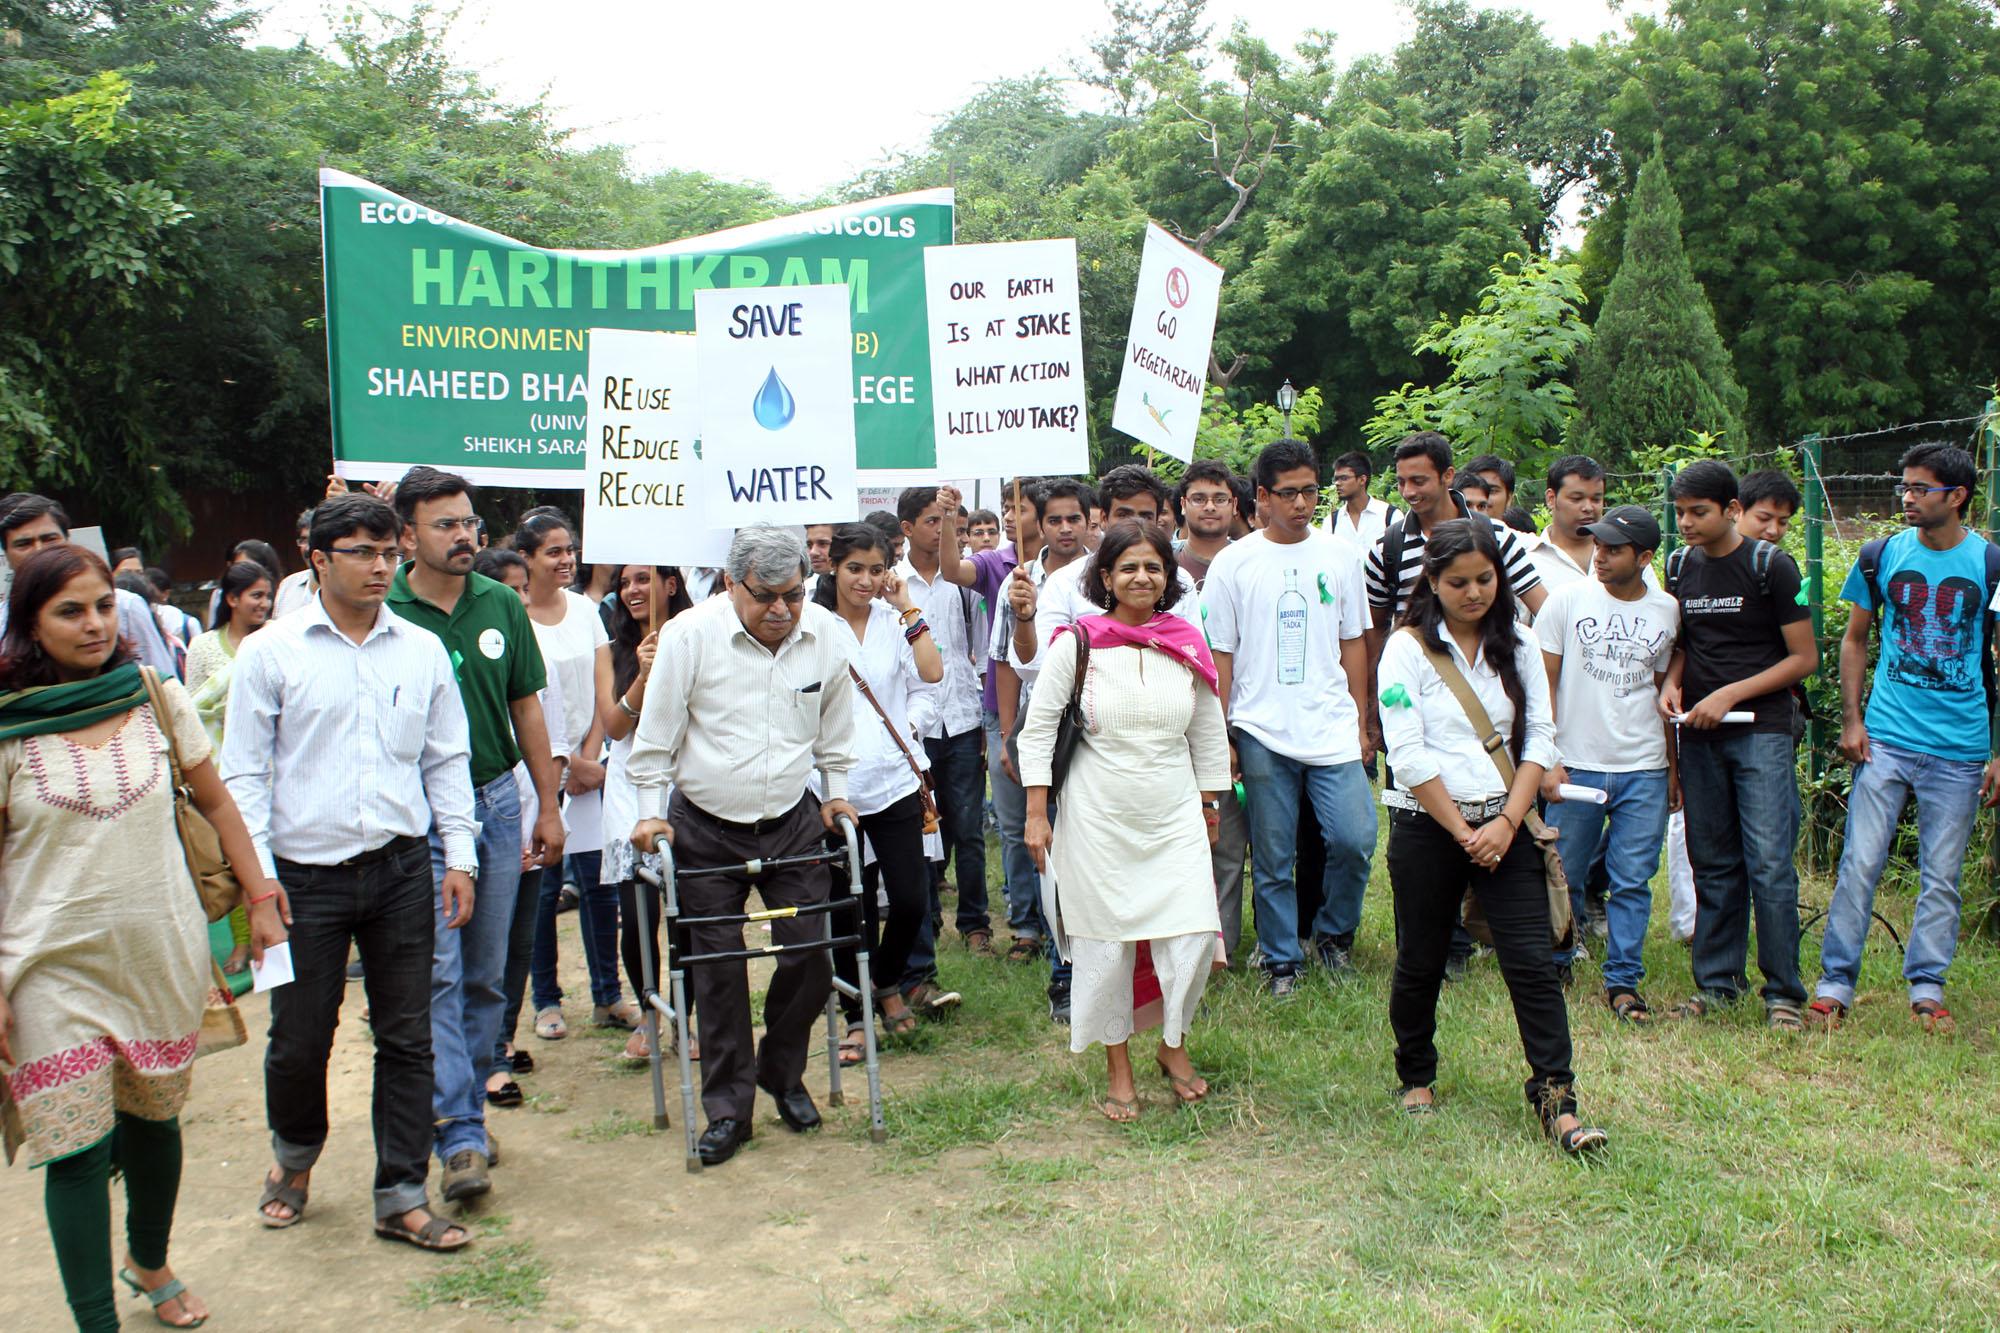 HARITHKRAM - 4